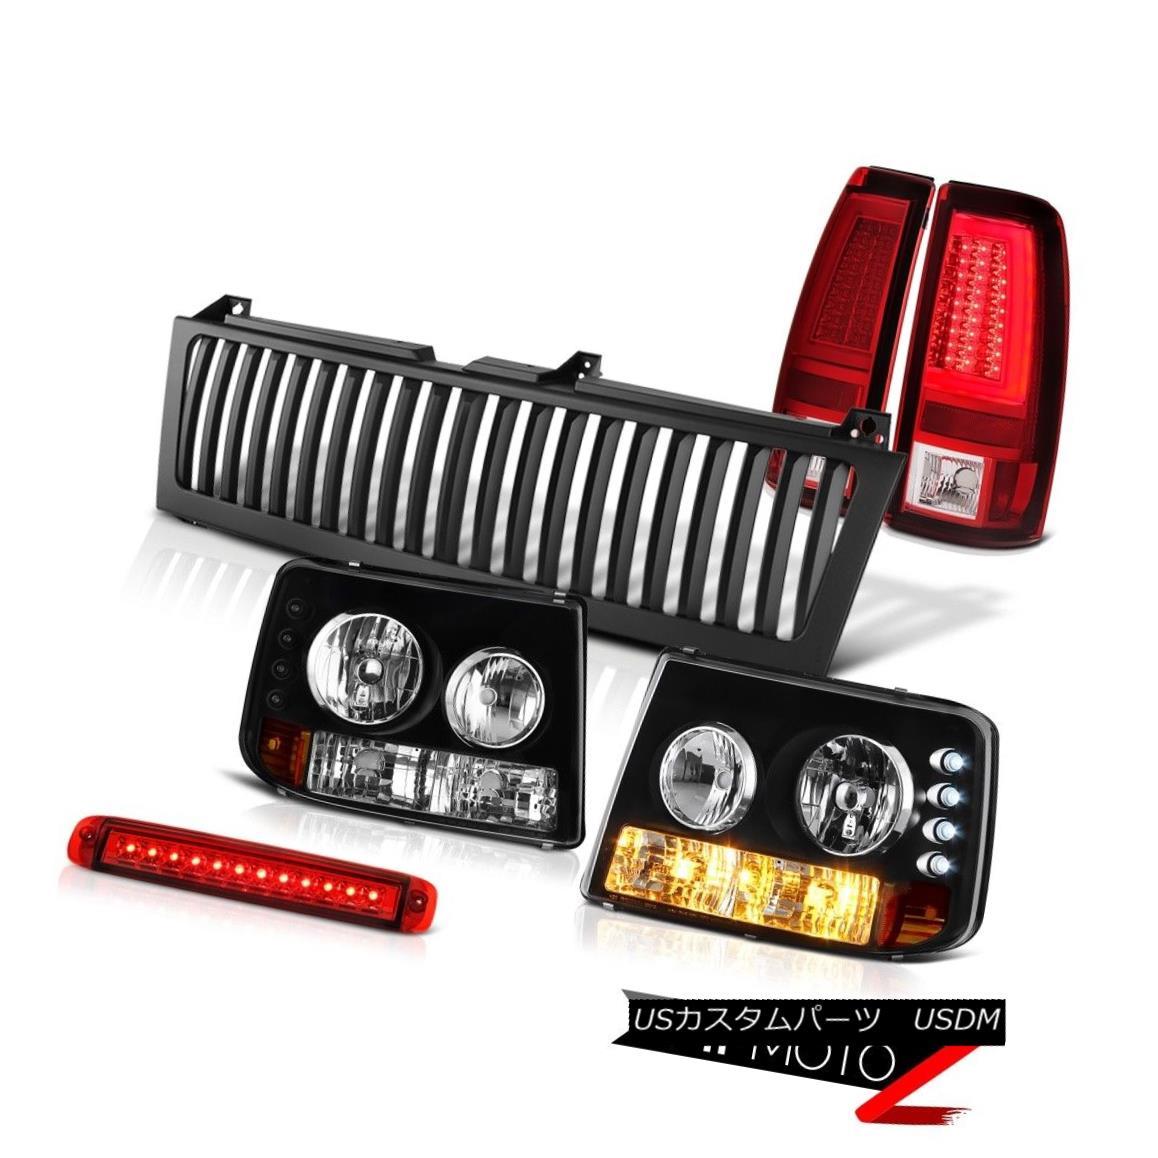 ヘッドライト 99-02 Silverado 5.3L Parking Brake Lights Vertical Grille 3rd Light OLED Prism 99-02 Silverado 5.3Lパーキングブレーキライト垂直グリル第3ライトOLEDプリズム